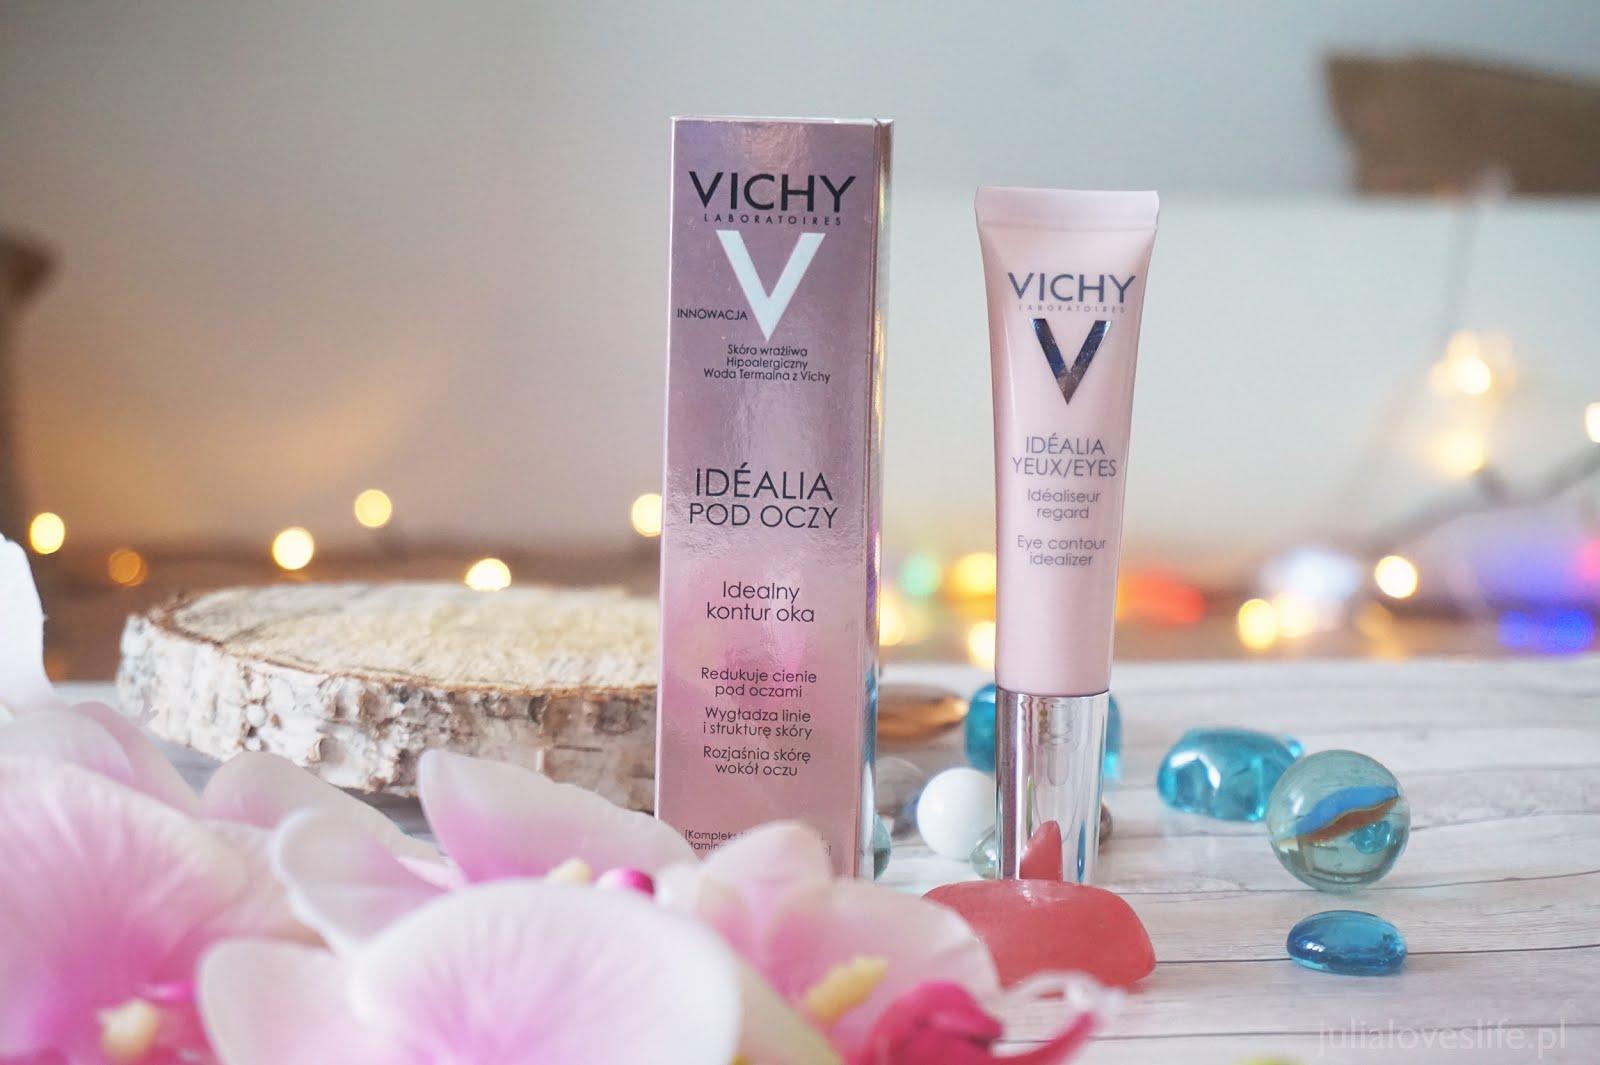 Vichy - Idealia pod oczy | Pierwsze wrażenia